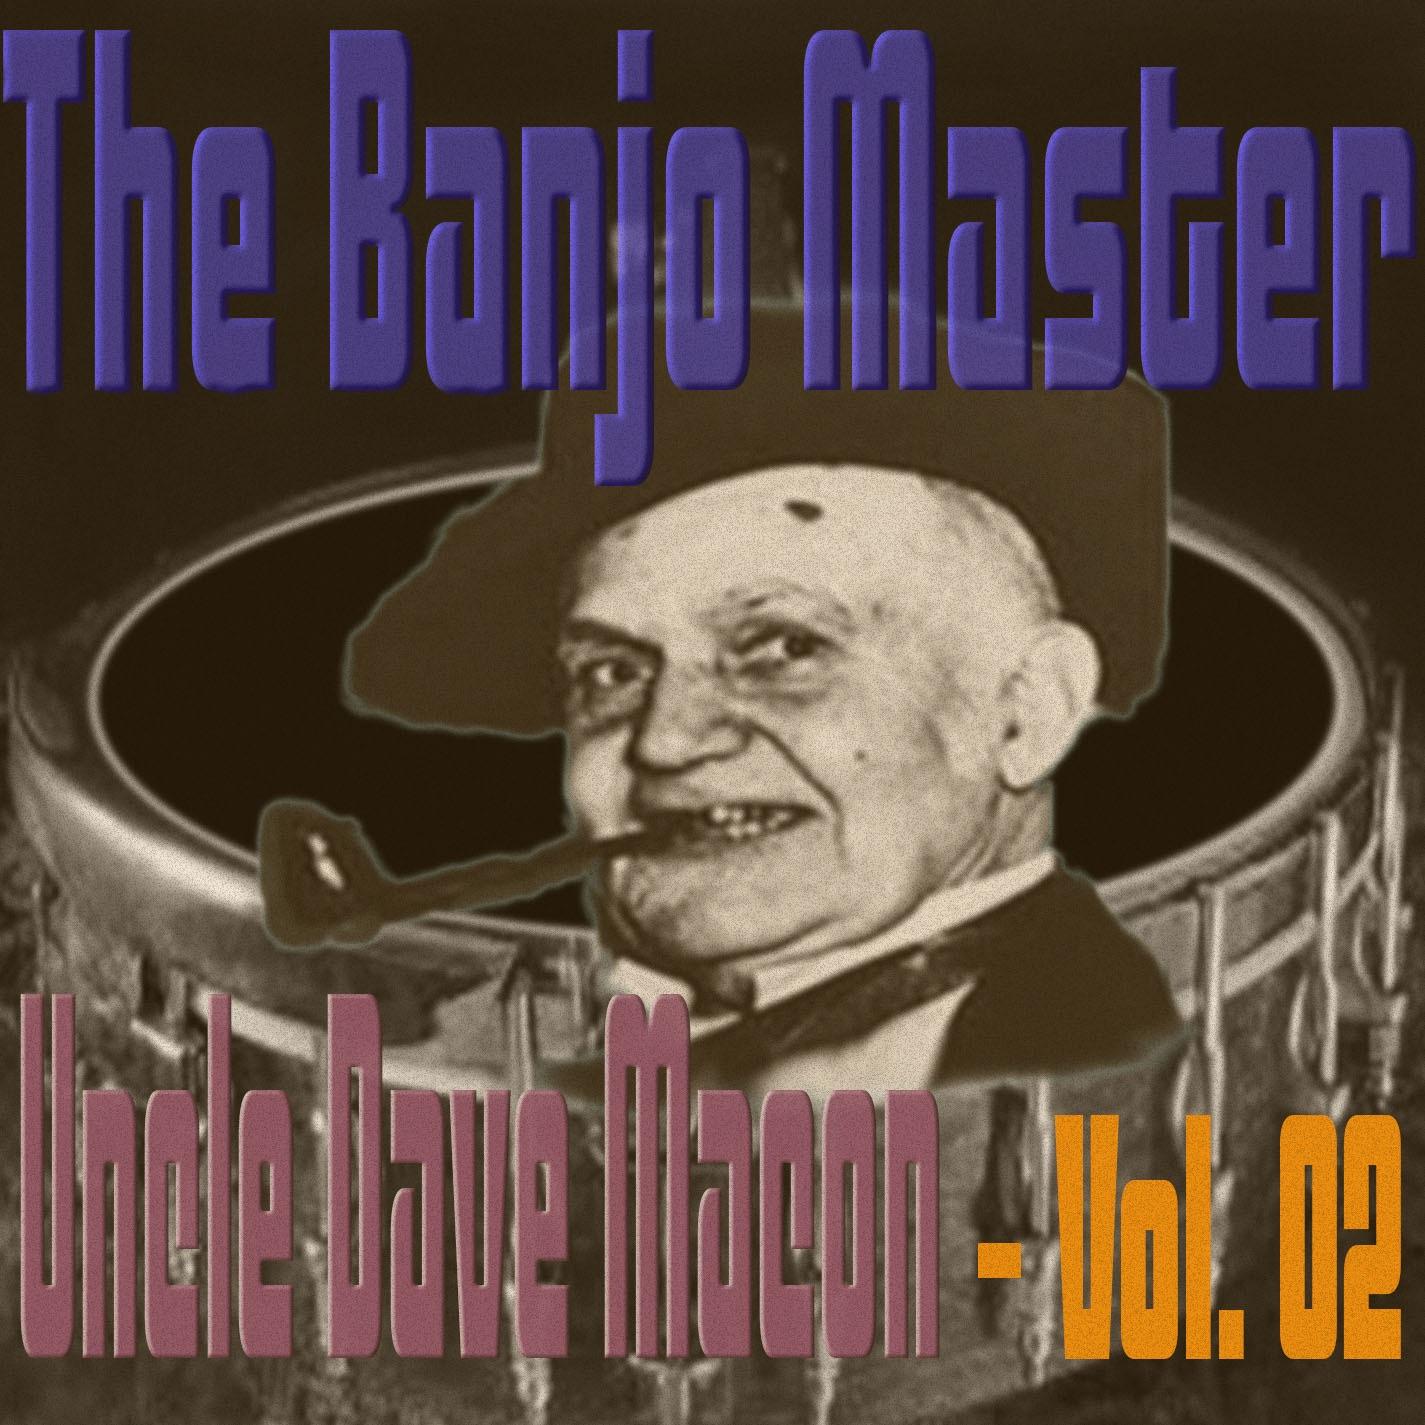 The Banjo Master Uncle Dave Macon, Vol. 02